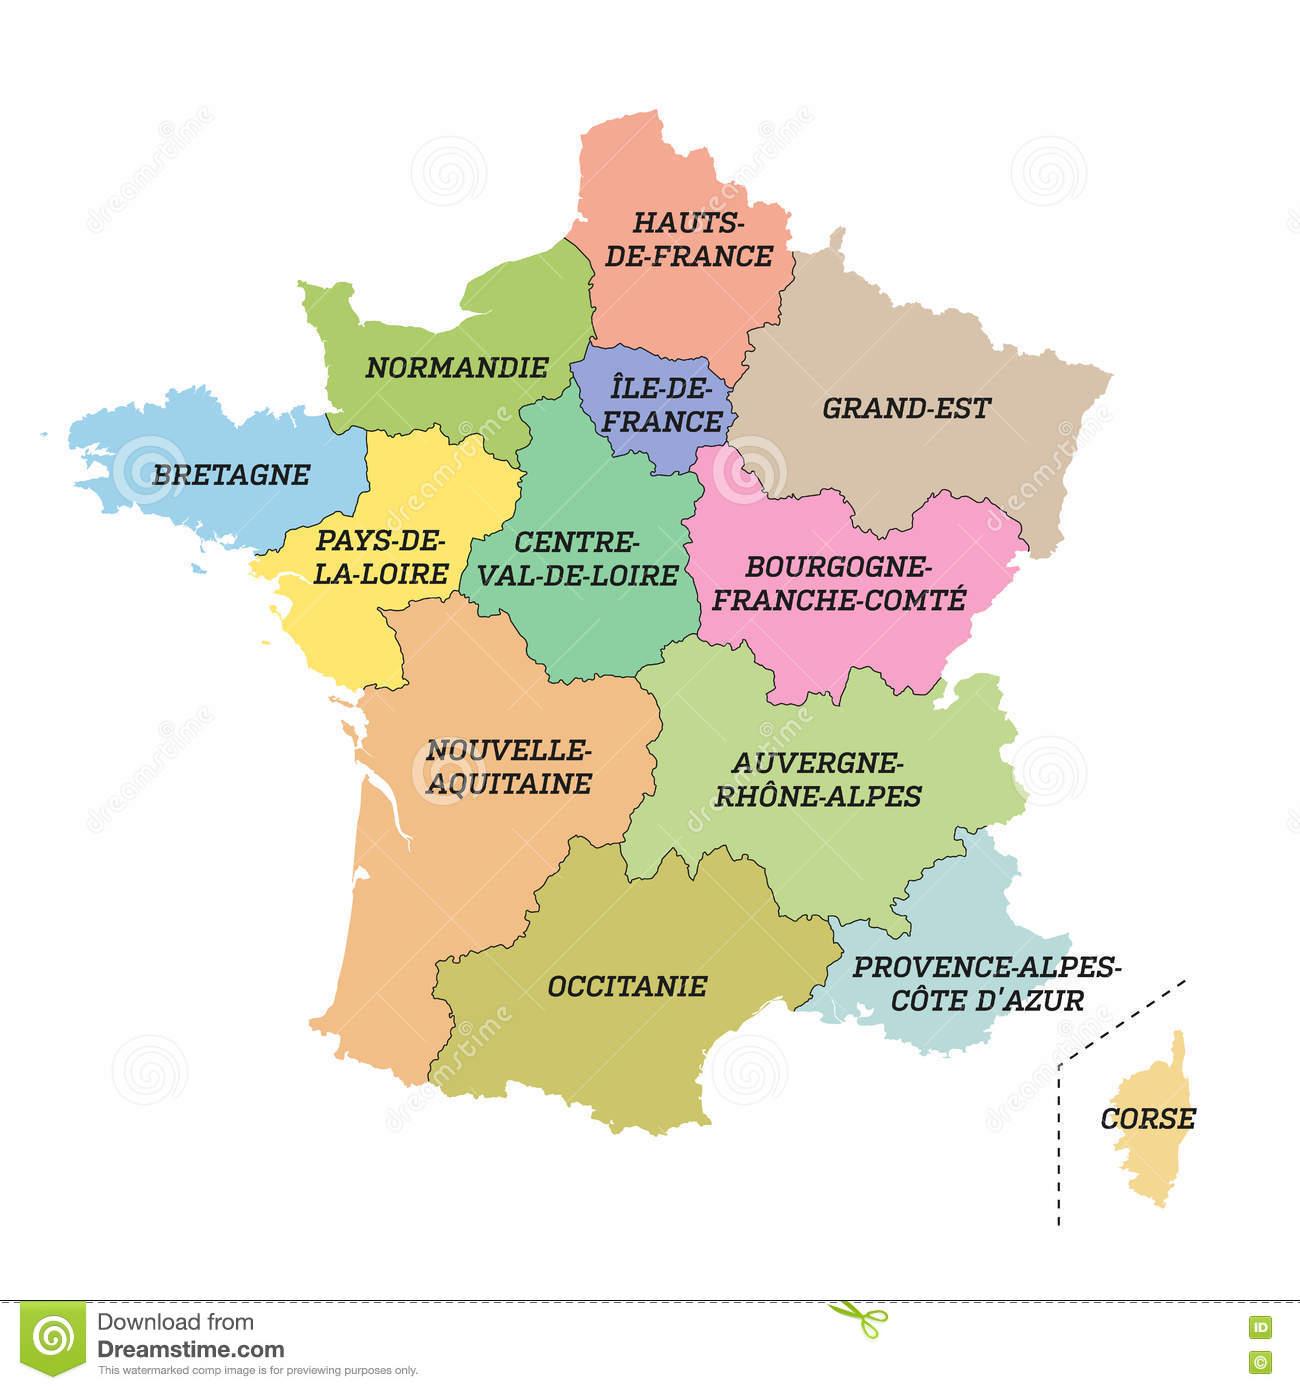 Carte Métropolitaine De Frances Avec De Nouvelles Régions encequiconcerne Carte Nouvelle Région France